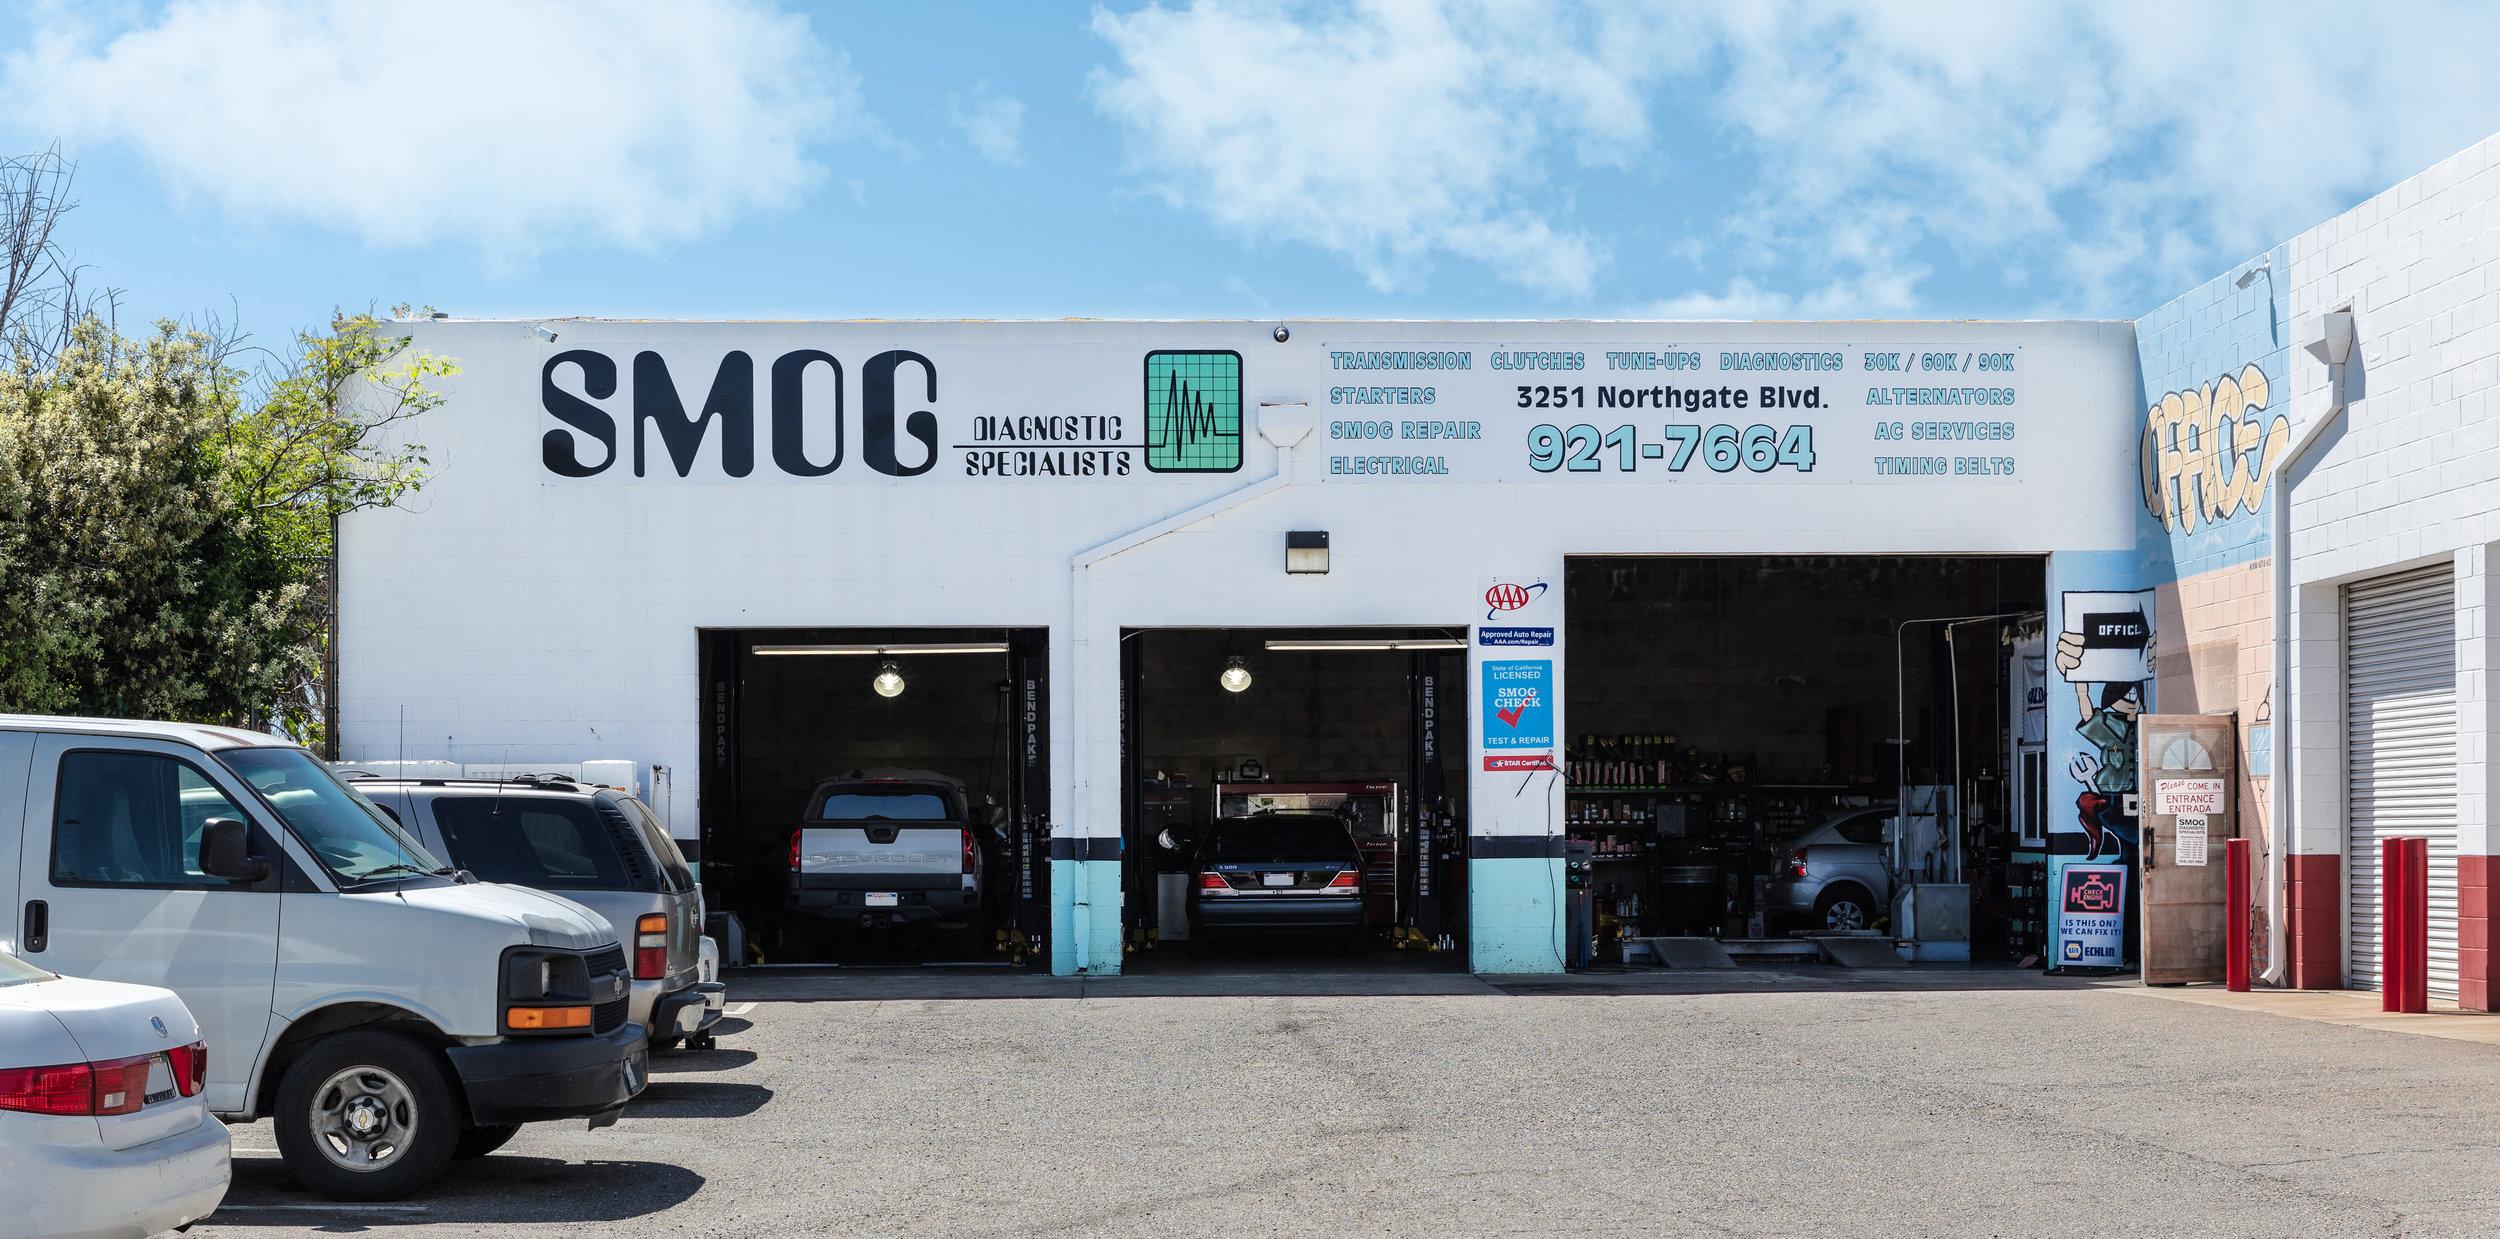 SMOG-Diagnostic-Specialists-Auto-Repair-And-Maintenance-Northgate-Blvd-Sacramento-CA-Home-Banner.jpg